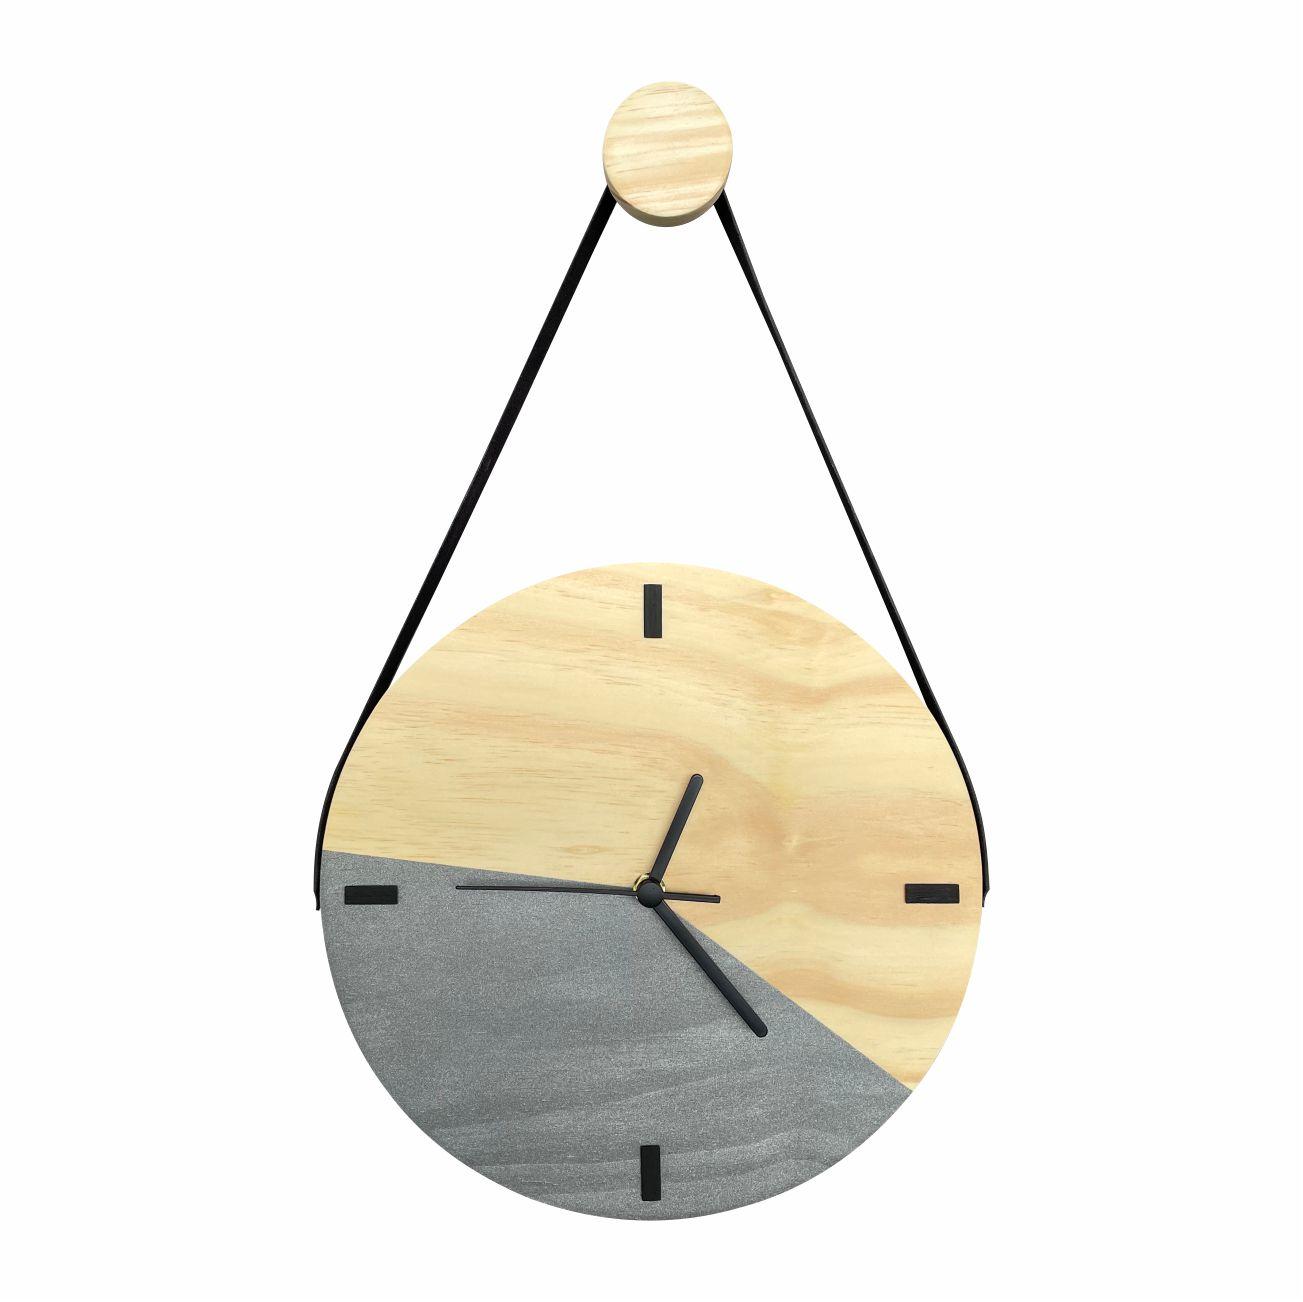 Relógio de Parede Decorativo Escandinavo Duo Grafite com Alça + Pendurador